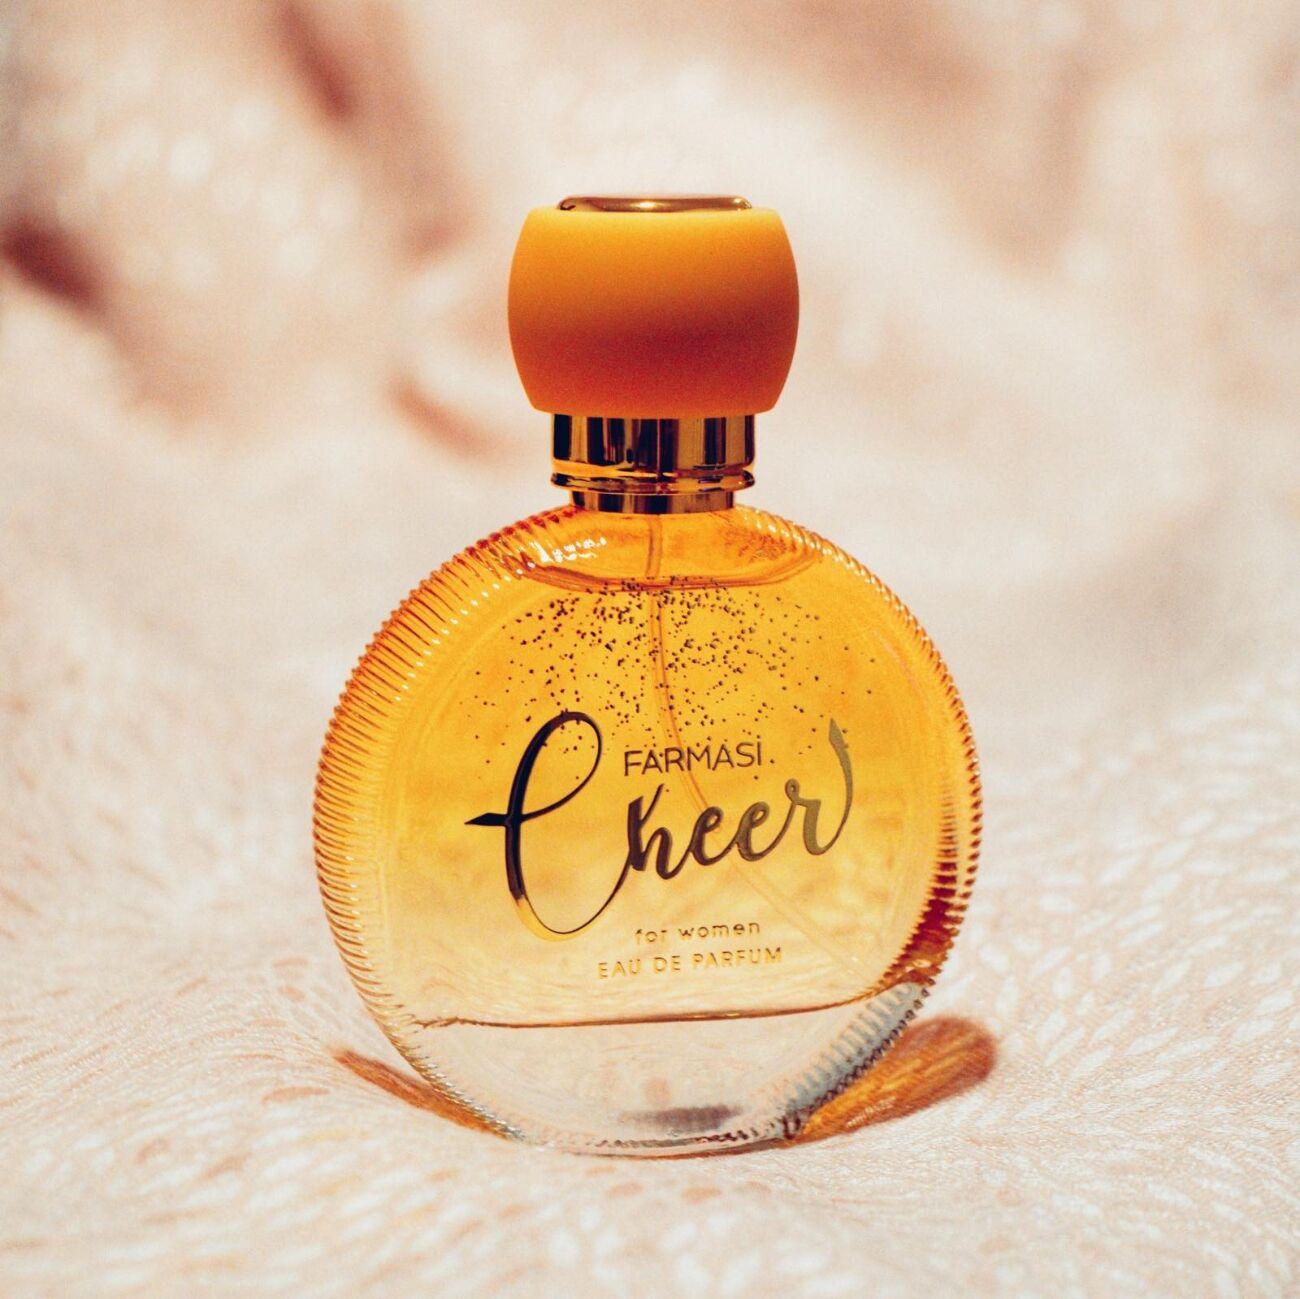 Парфюмерная вода Cheer При покупке женского аромата любой мужской -50%